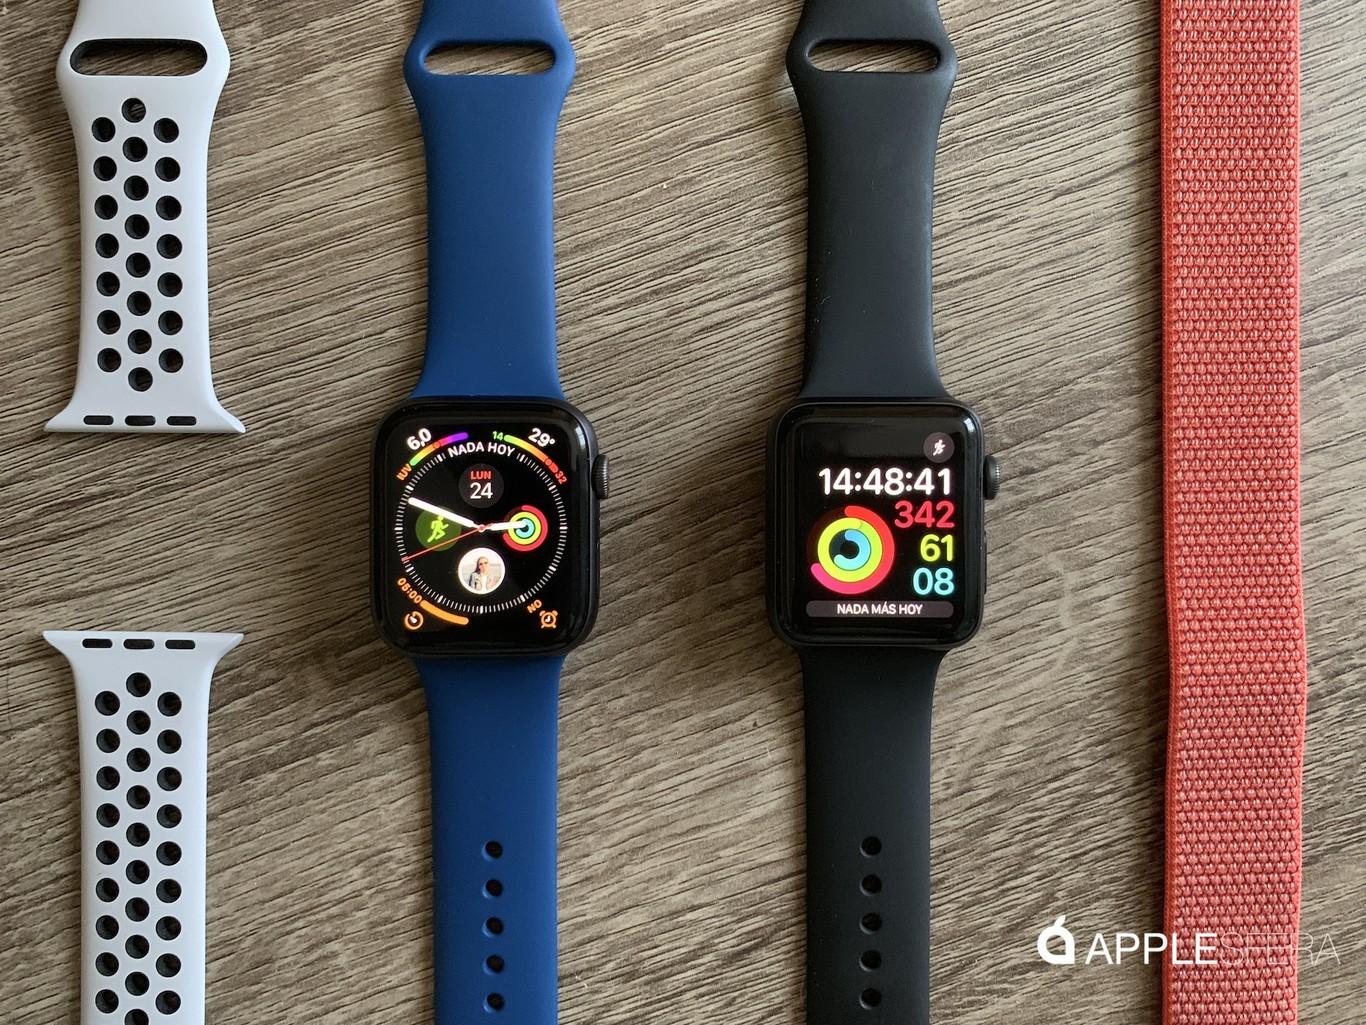 dedo desinfectar Vibrar  Apple Watch Series 3, Series 4 y conectividad celular: preguntas y  respuestas